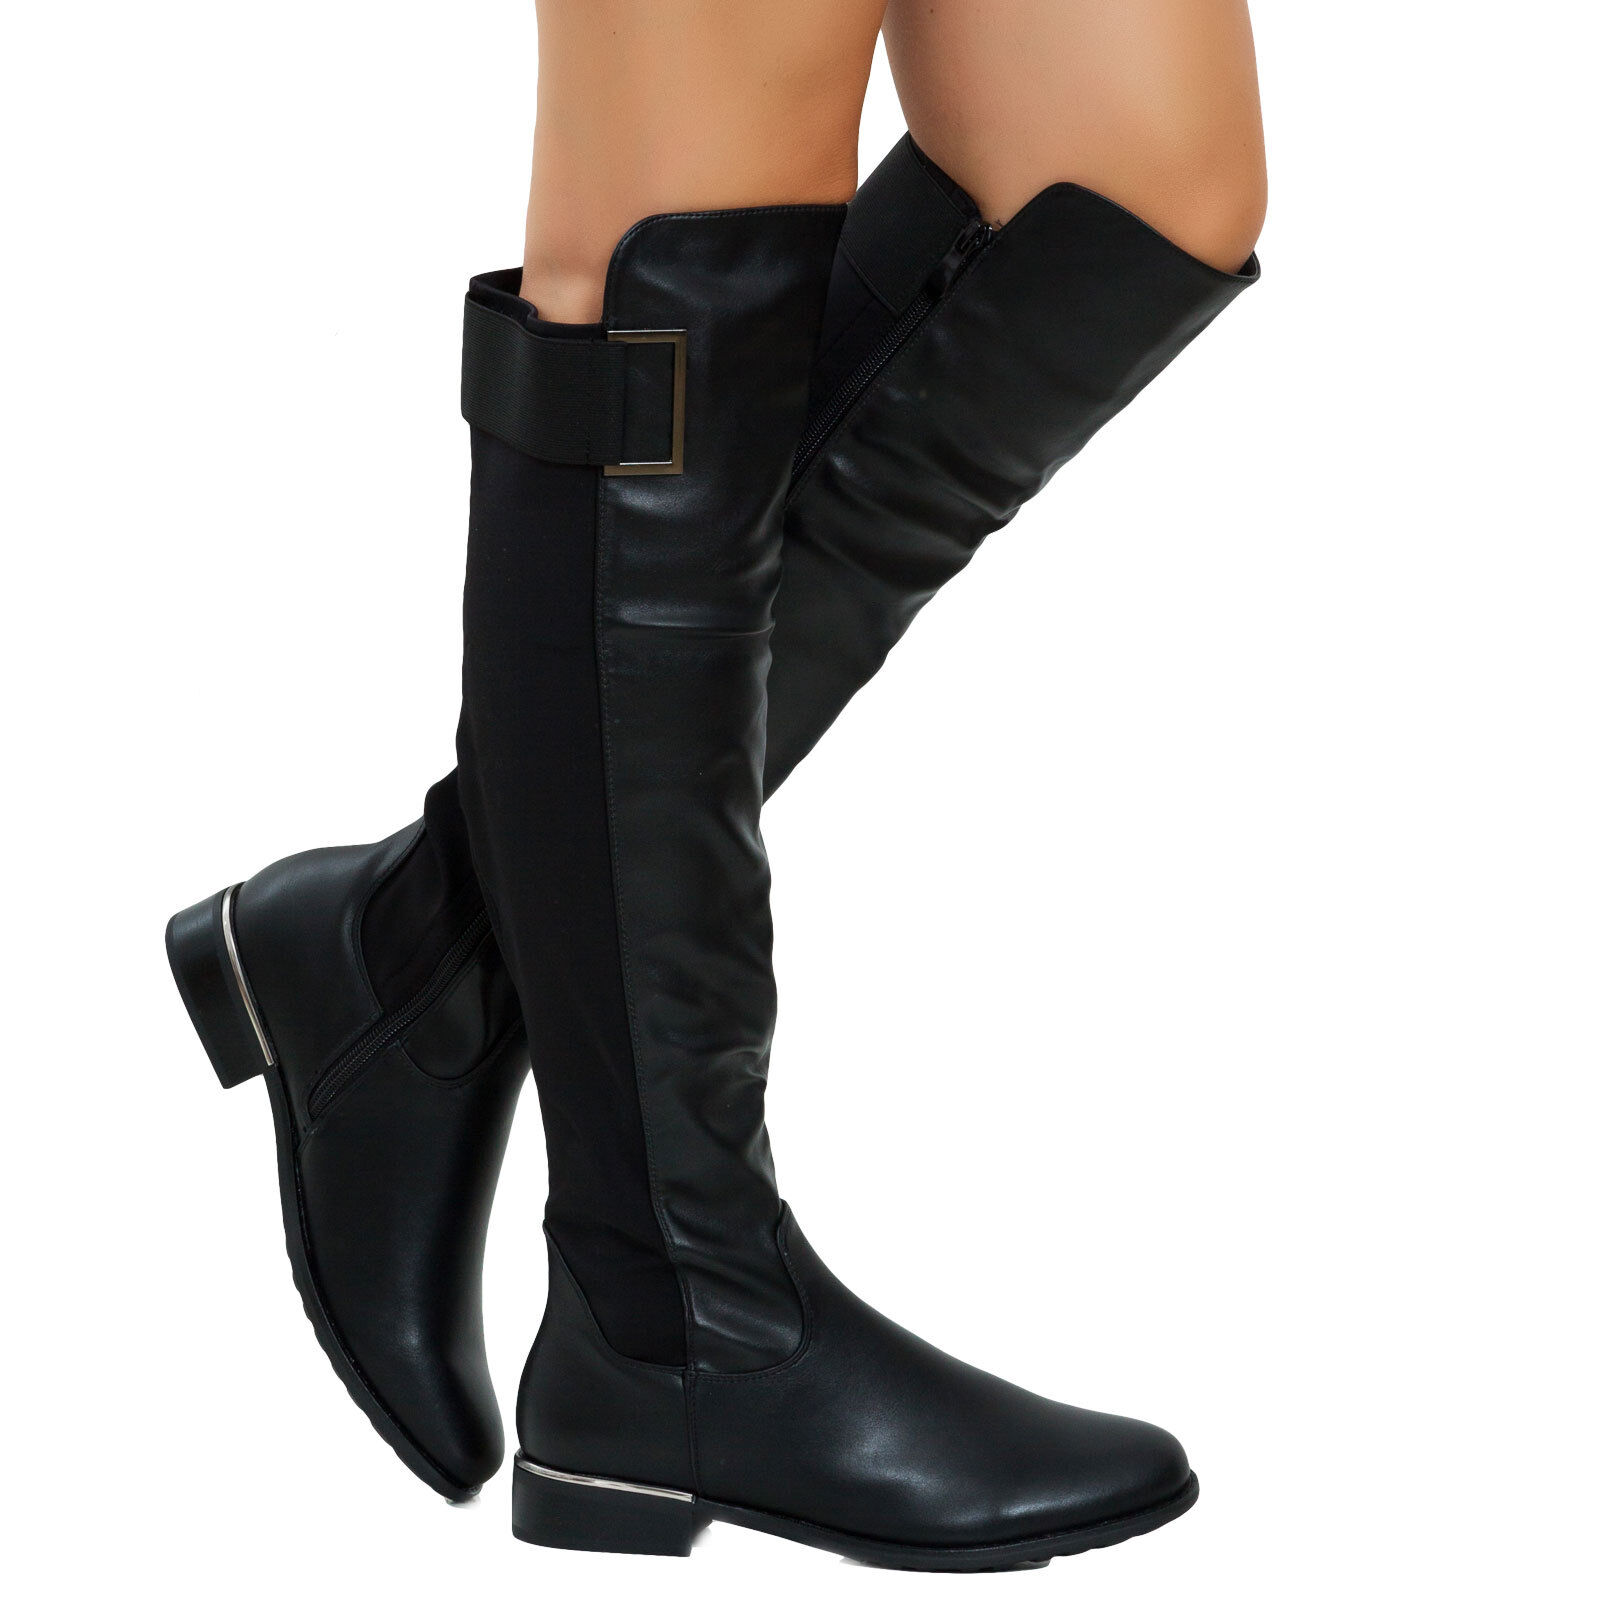 Stivali donna tacco basso elastico scarpe casual pelle